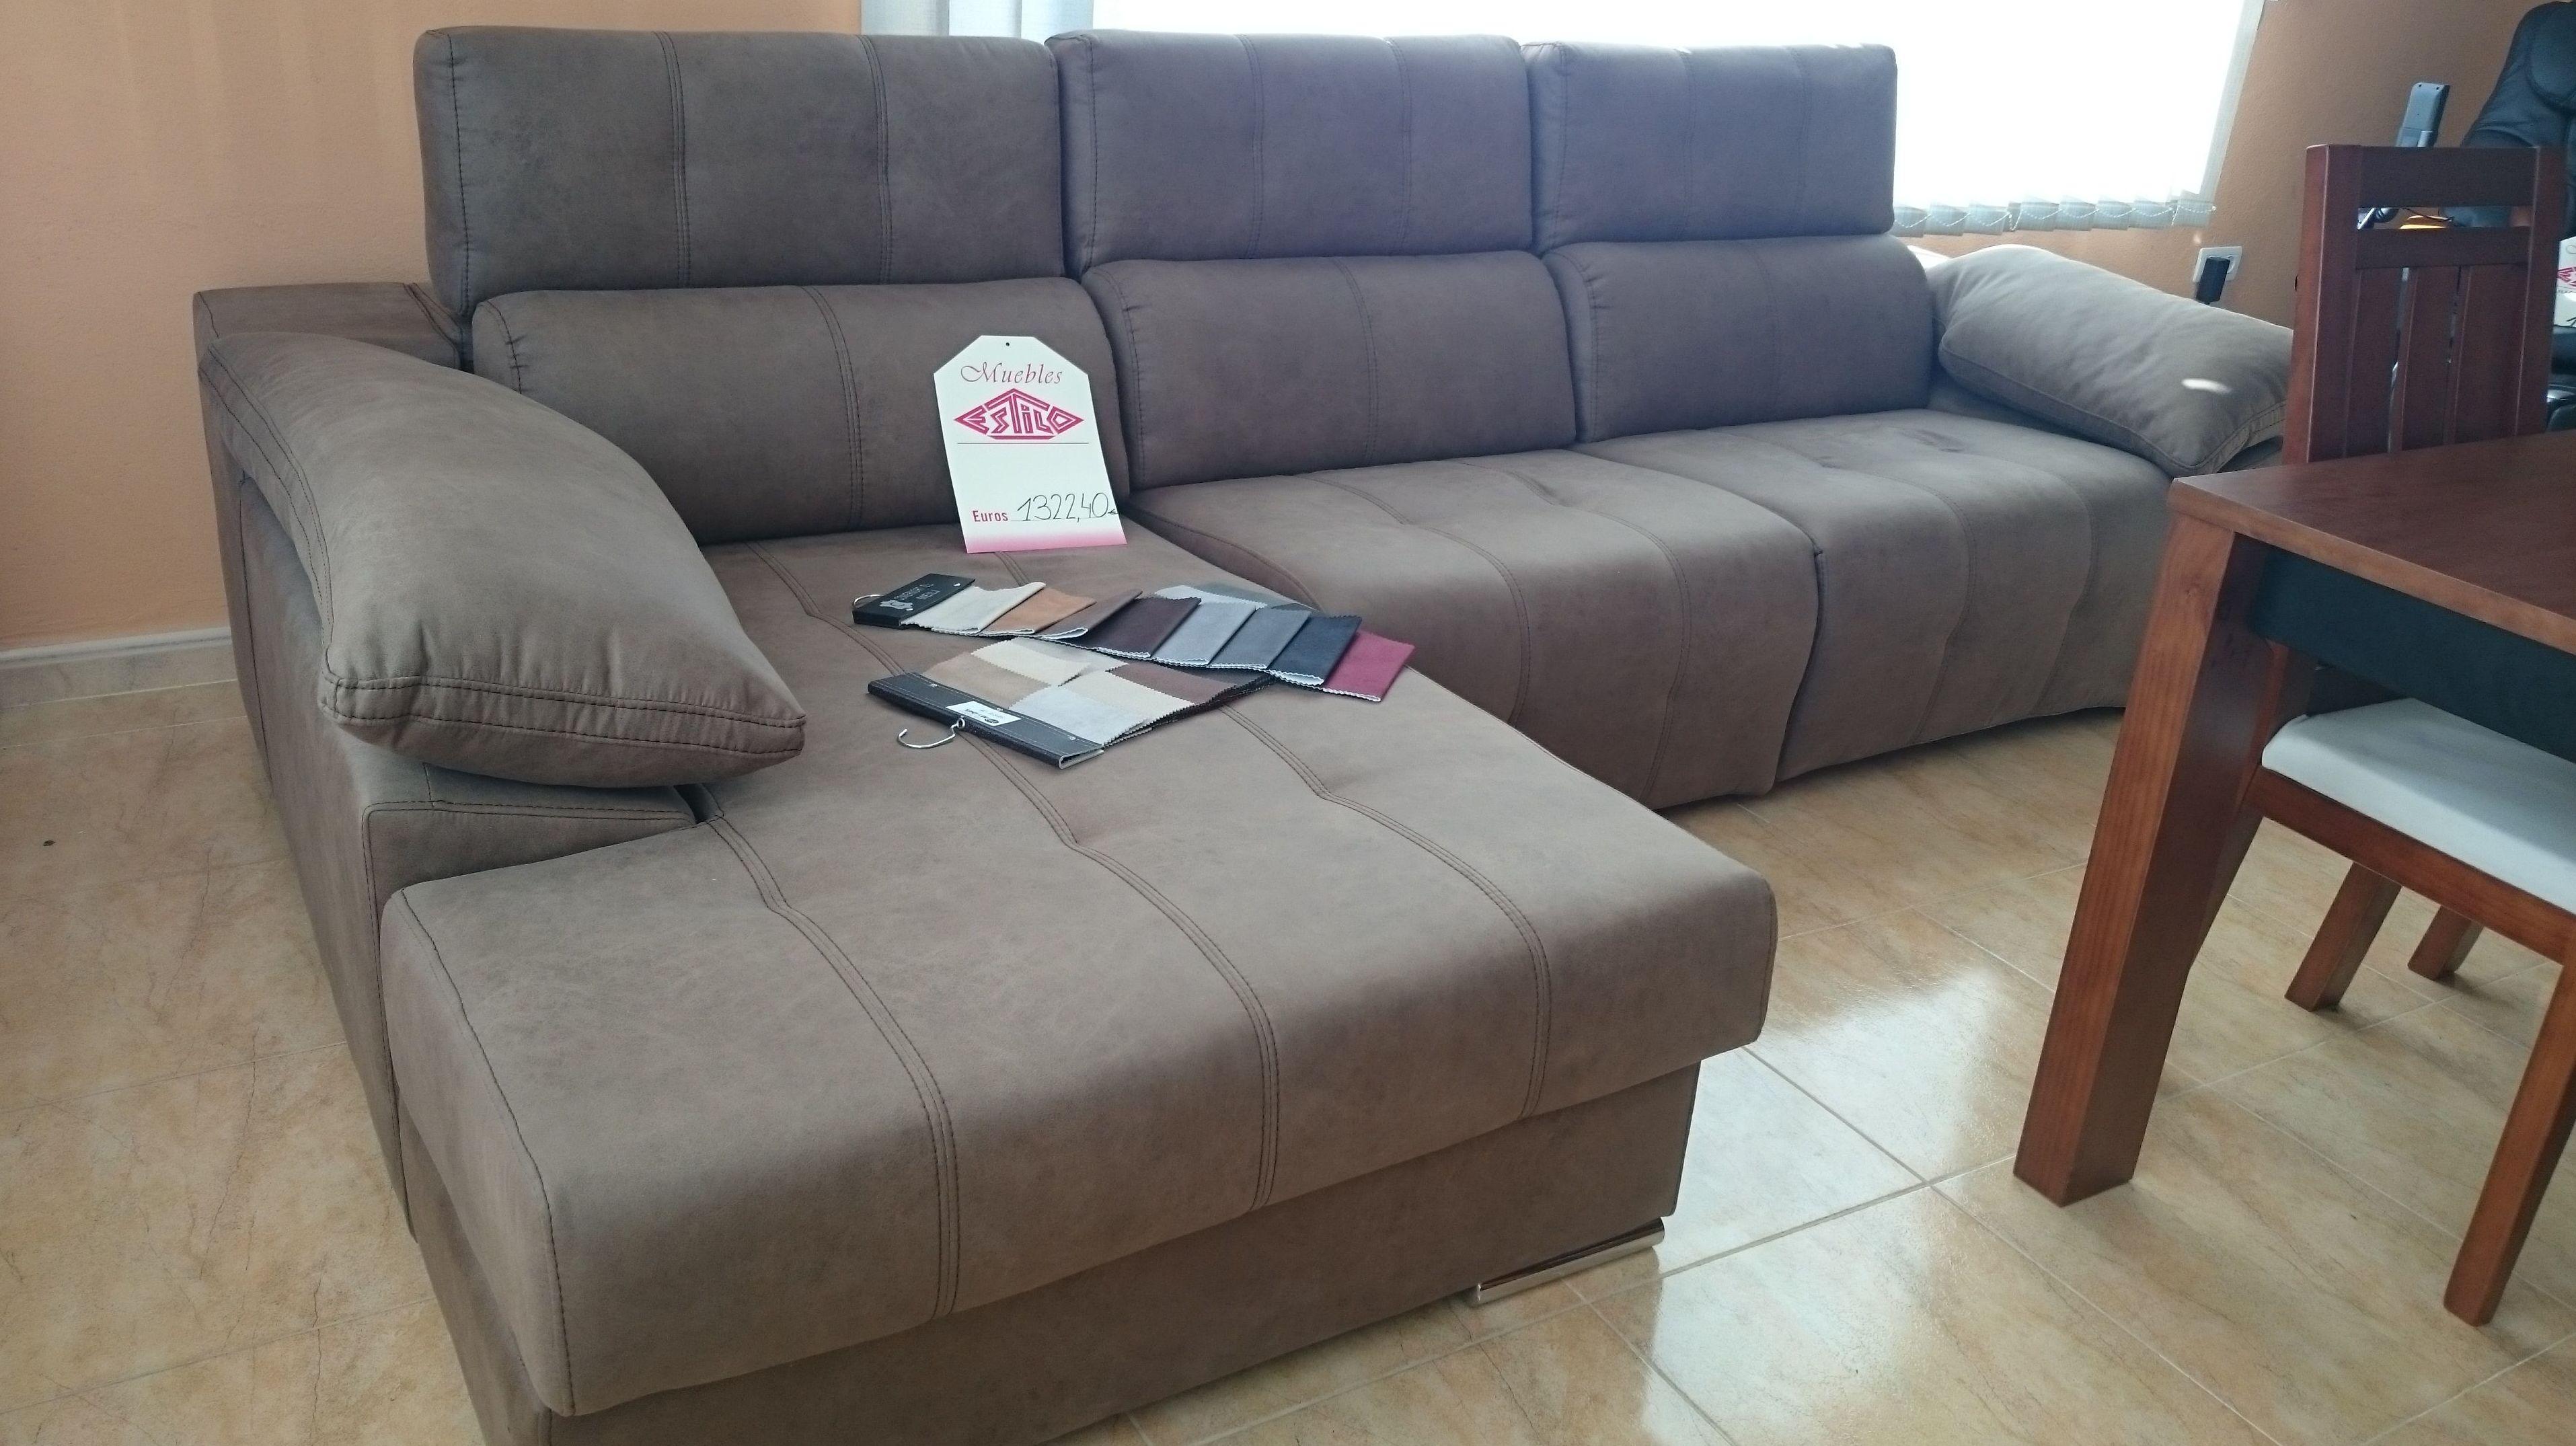 Sof s y sillones cat logo de muebles estilo jover hern ndez for Muebles y sillones